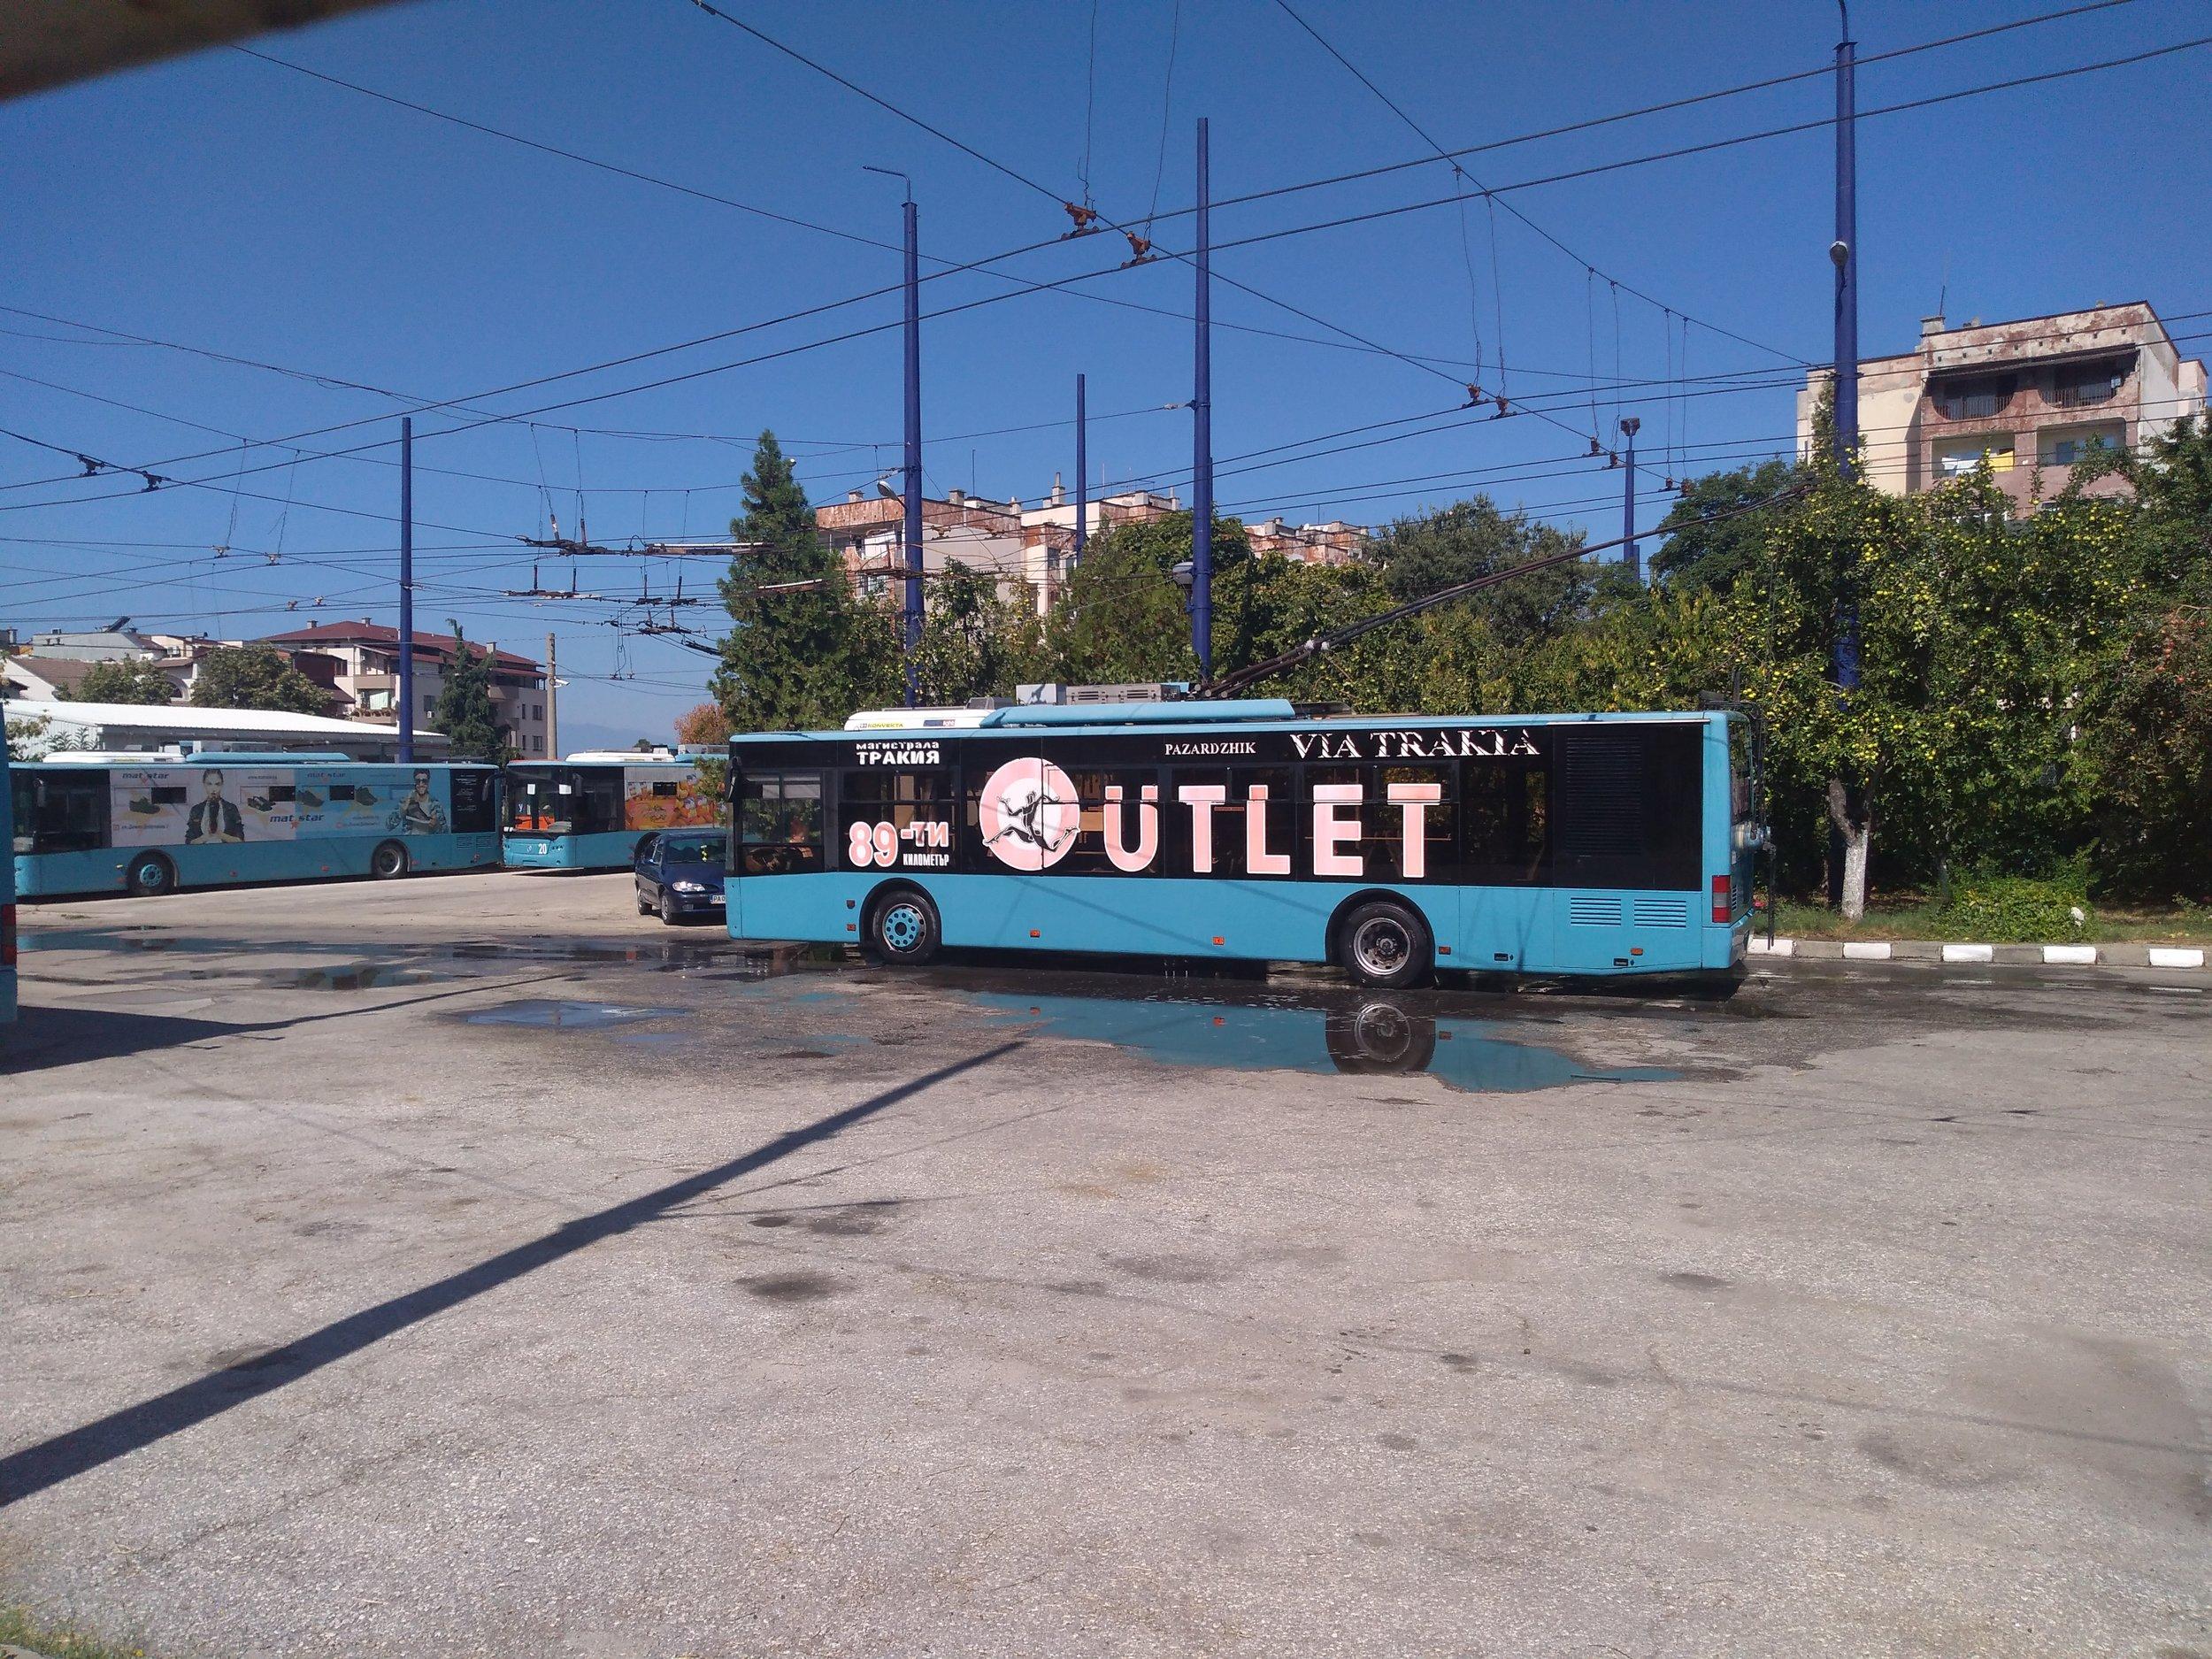 Pazardžický trolejbus LAZ září čistotou po polední koupeli. Místní vozovna nemá myčku, a tak jsou trolejbusy omývány vodou z hadice zaměstnanci podniku.